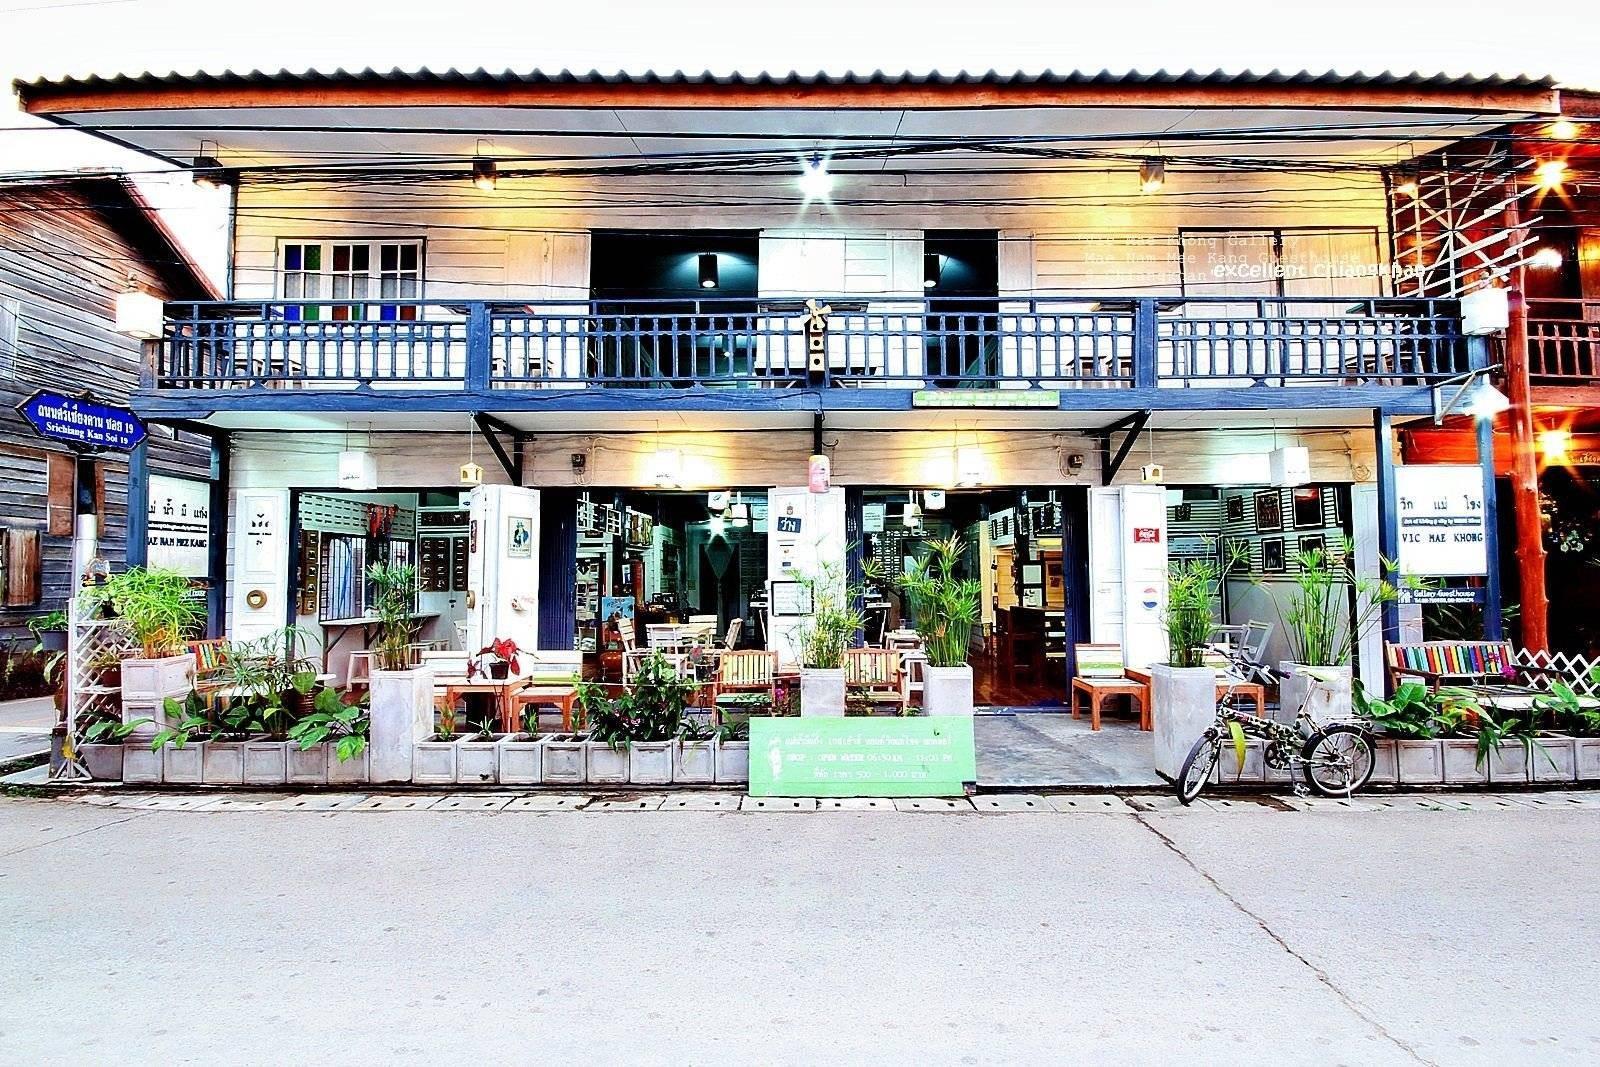 ขอบคุณภาพจากเพจ Mae Nam Mee Kang Guesthouse at Chiangkhan